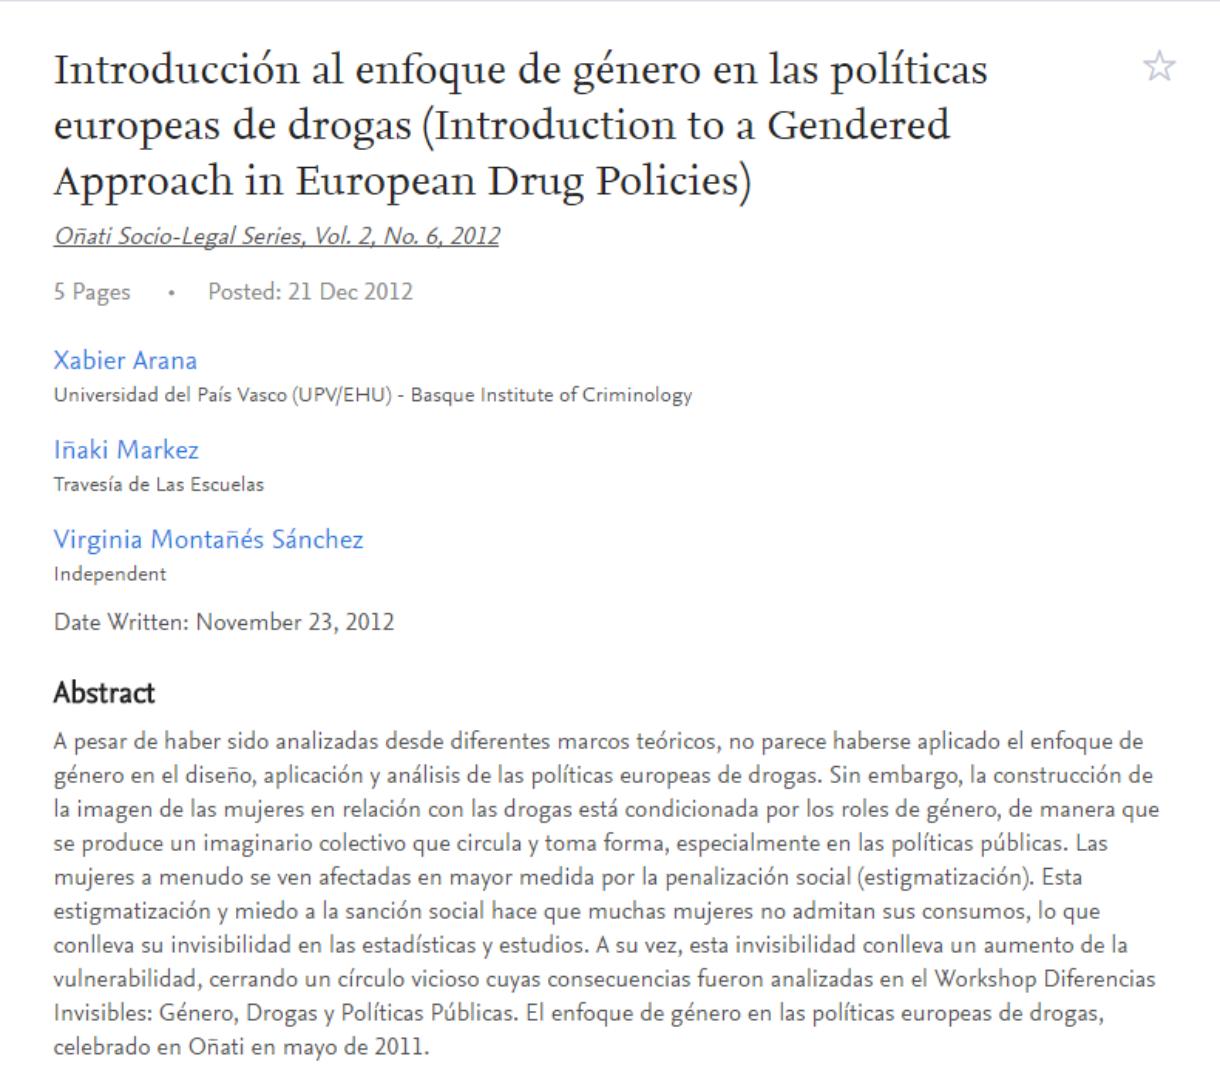 Arana, X., Markez, I., Montañés, V. : Introducción al enfoque de género en las políticas europeas de drogas